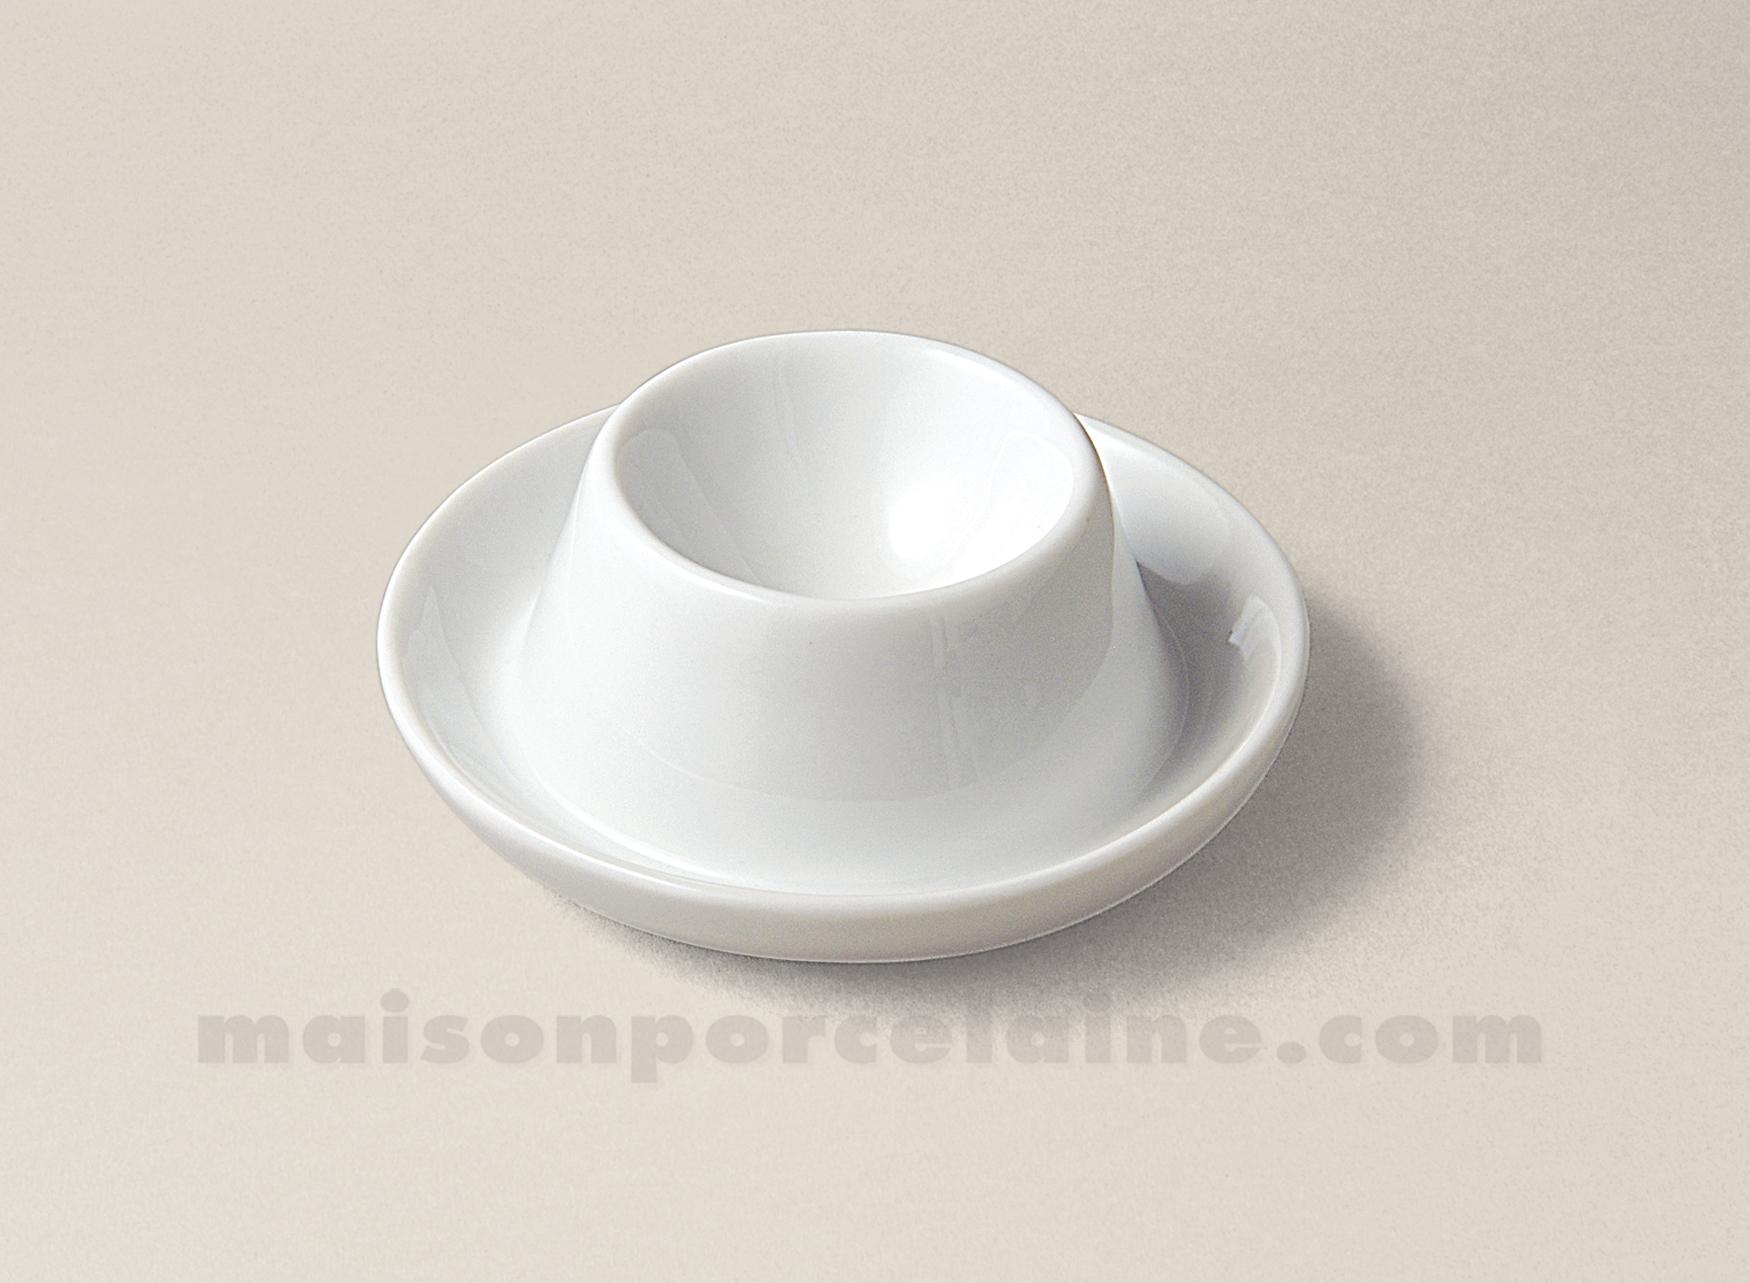 Coquetier porcelaine blanche chapeau 6x3 maison de la porcelaine - La porcelaine blanche ...